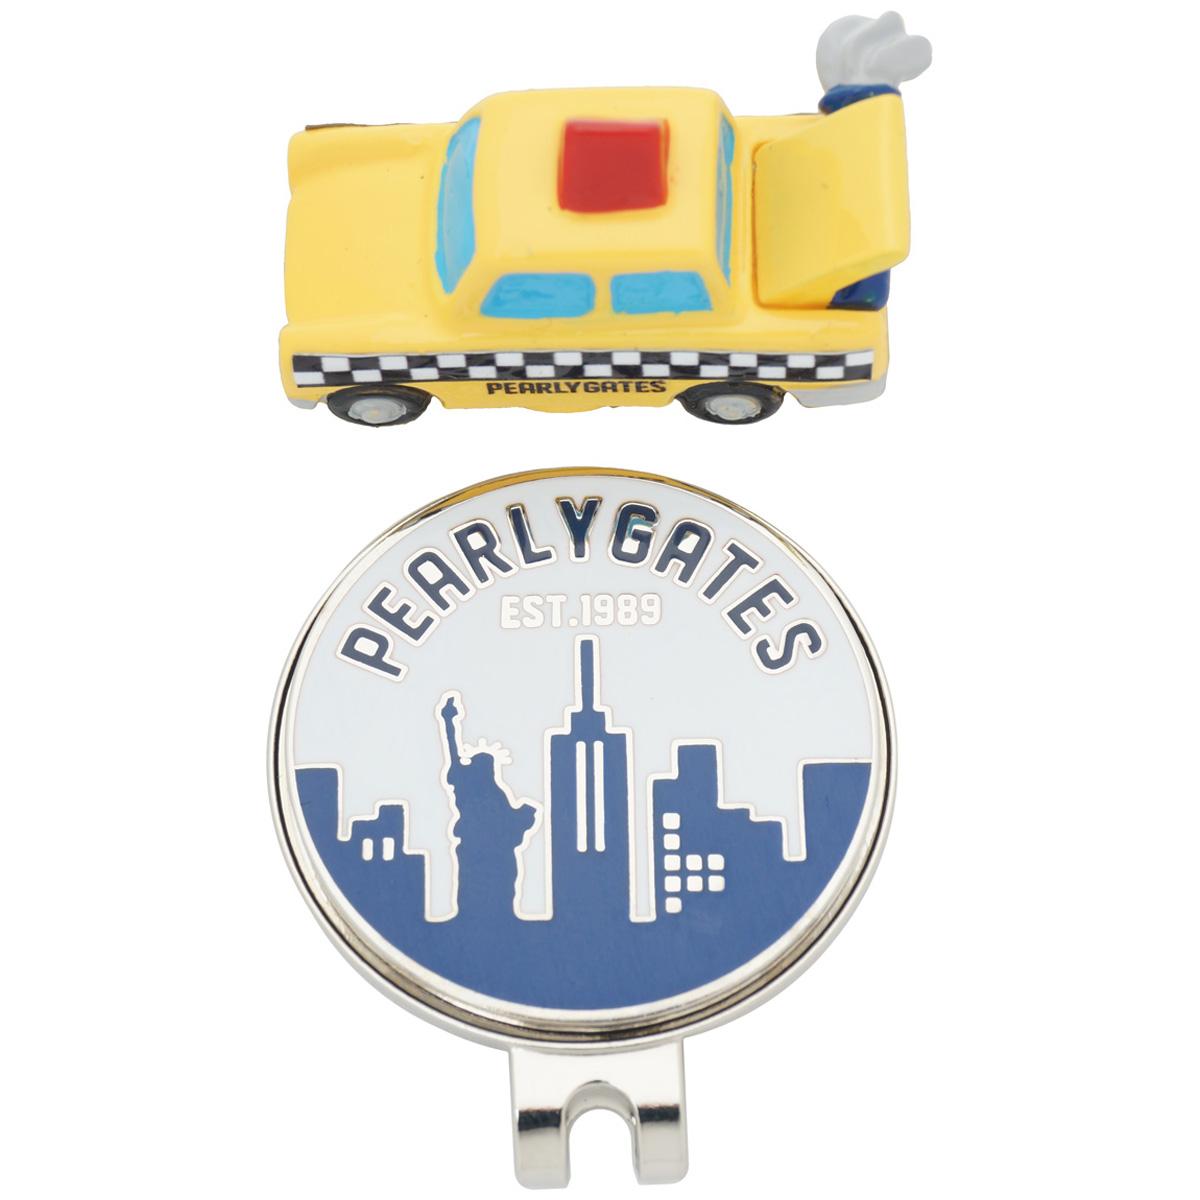 タクシー立体マーカー